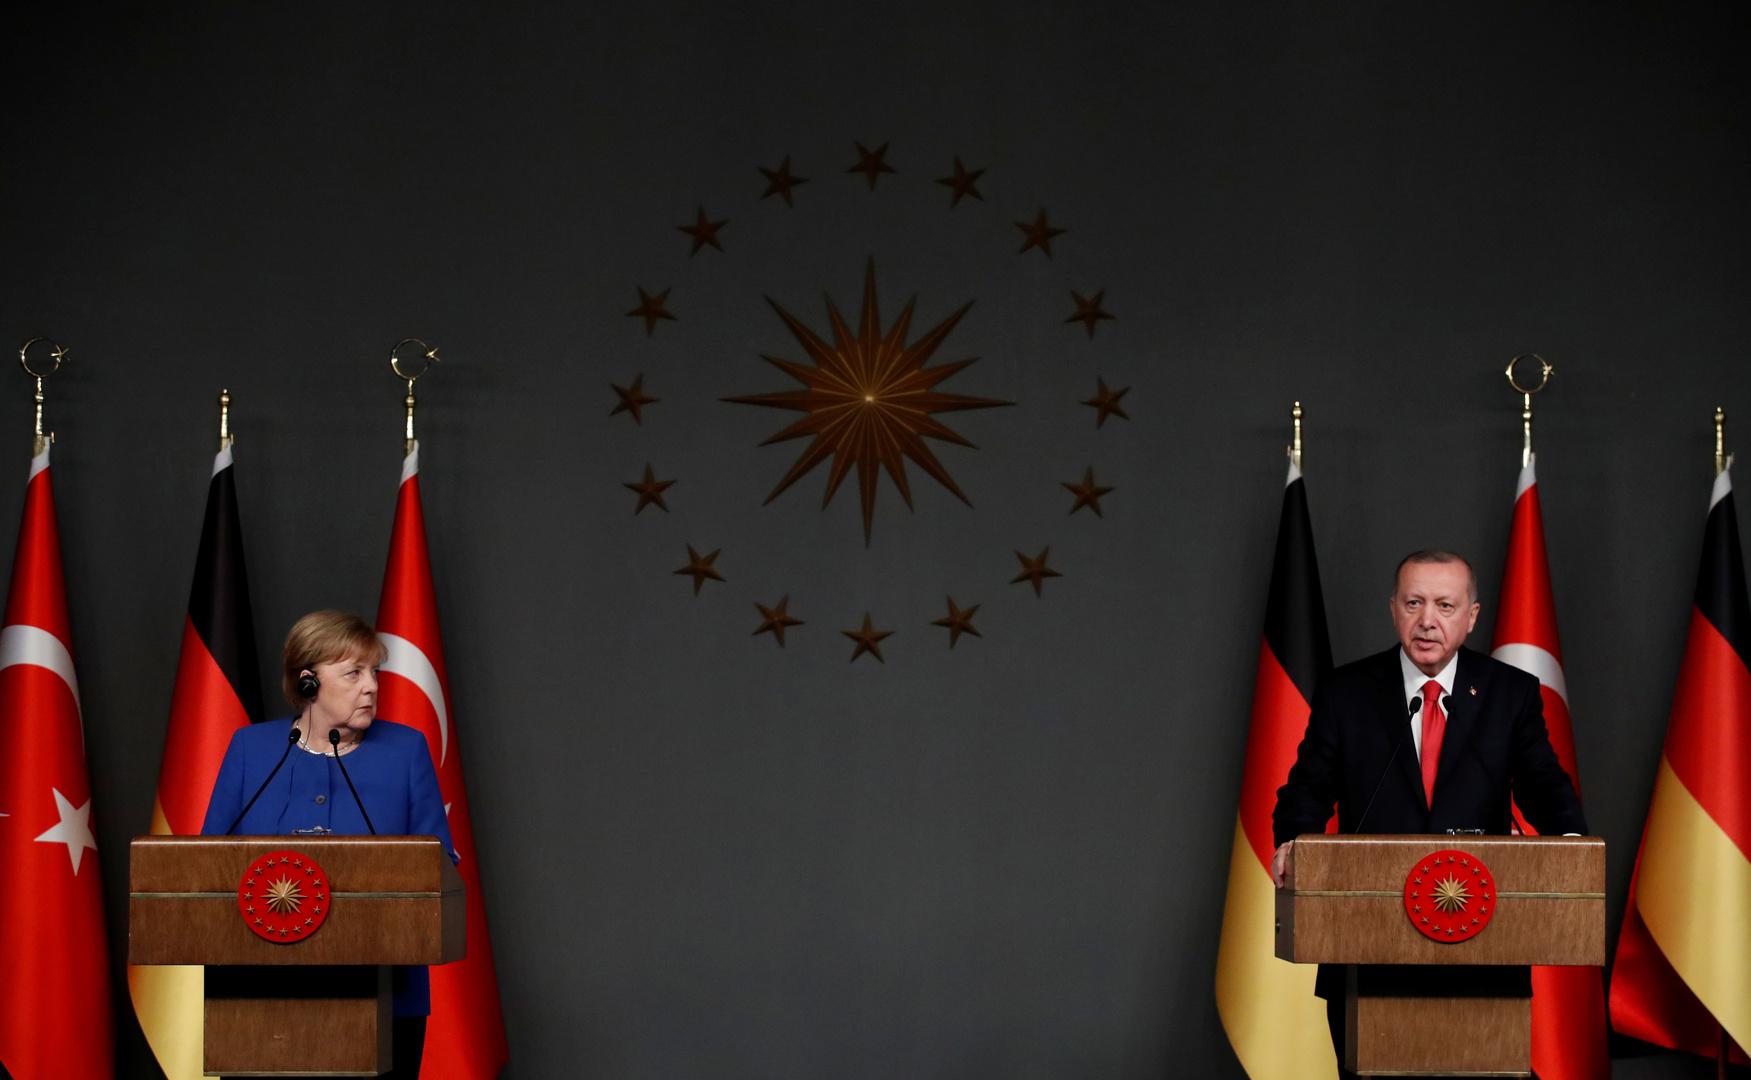 الرئيس التركي، رجب طيب أردوغان، والمستشارة الألمانية، أنغيلا ميركل